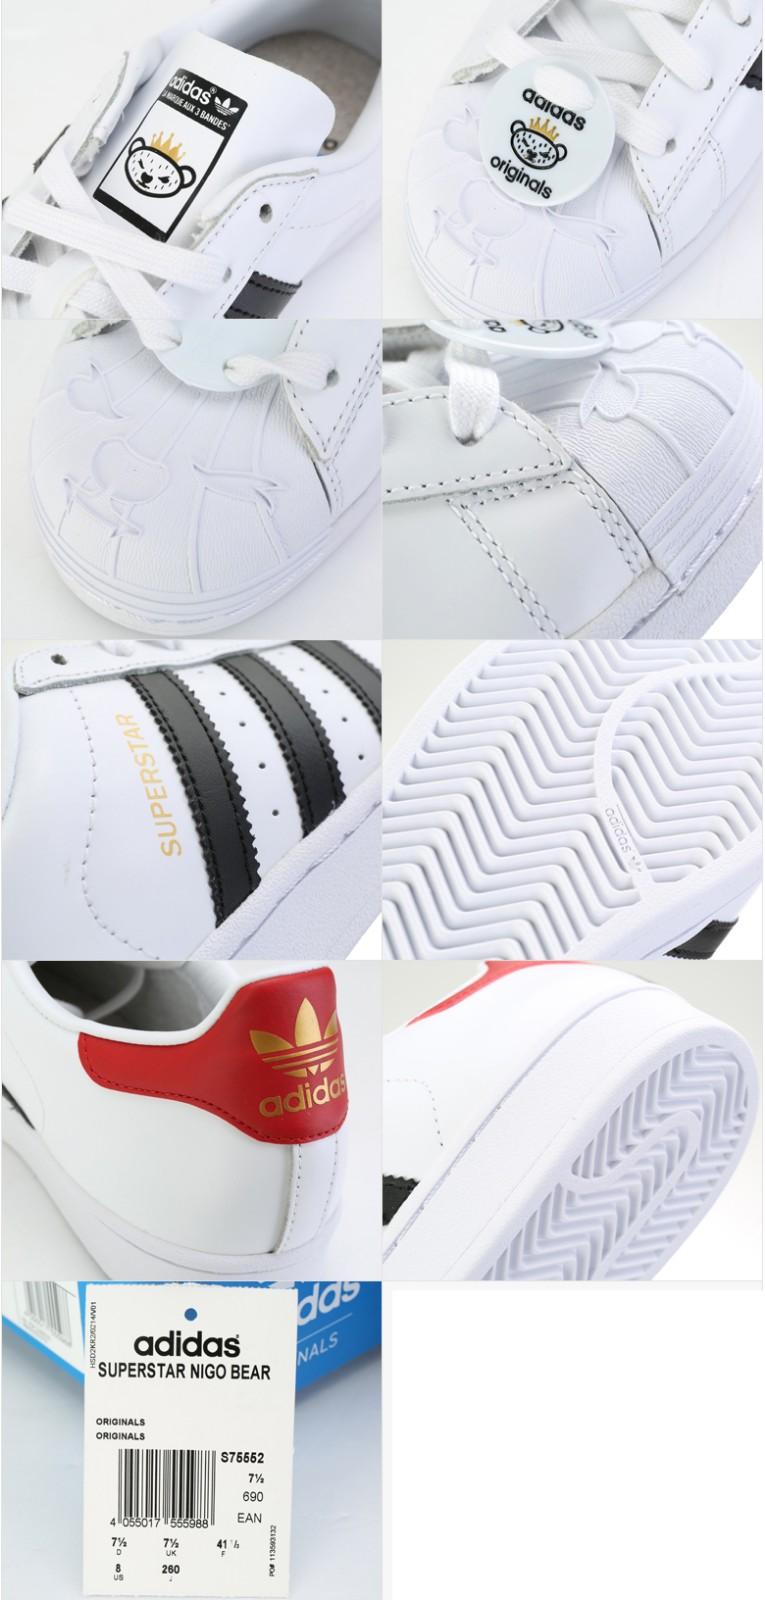 Adidas Superstar Nigo Bearfoot zapatosclearance Verde zapatosclearance Bearfoot a5e4b5 5195c2